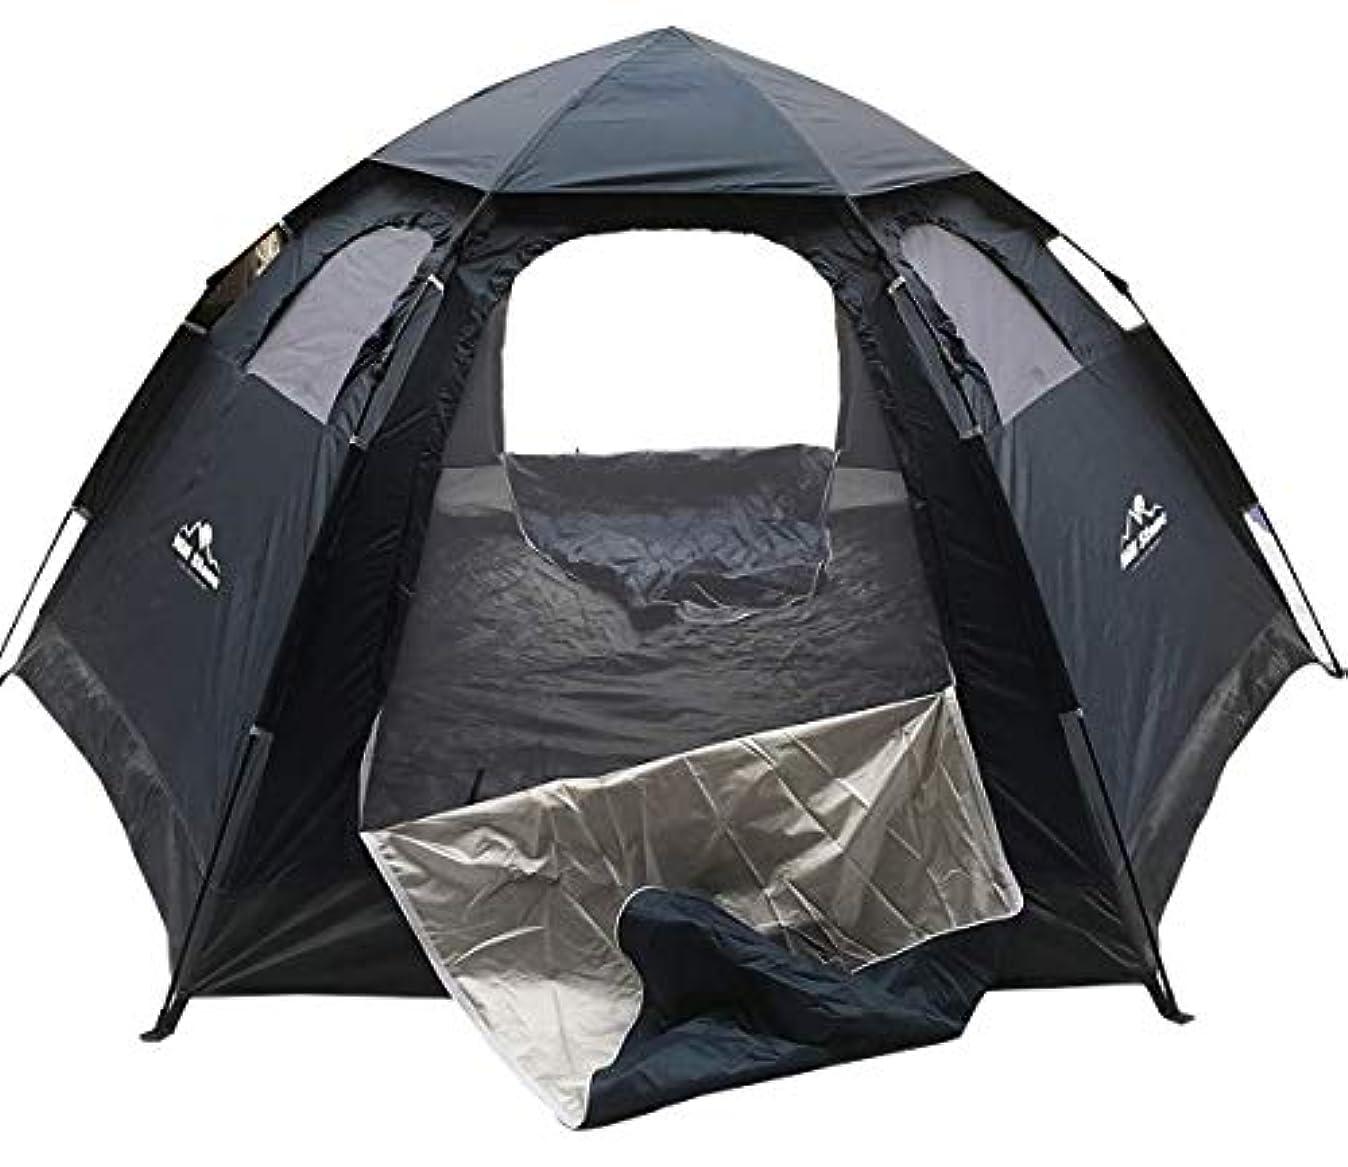 家庭ノーブル代表してMIRROR SHOP ワンタッチテントドームテント ドーム型 防水 軽量?コンパクト設計 バッグ付き UVカット 通気性抜群 蚊帳付き 収納袋付き